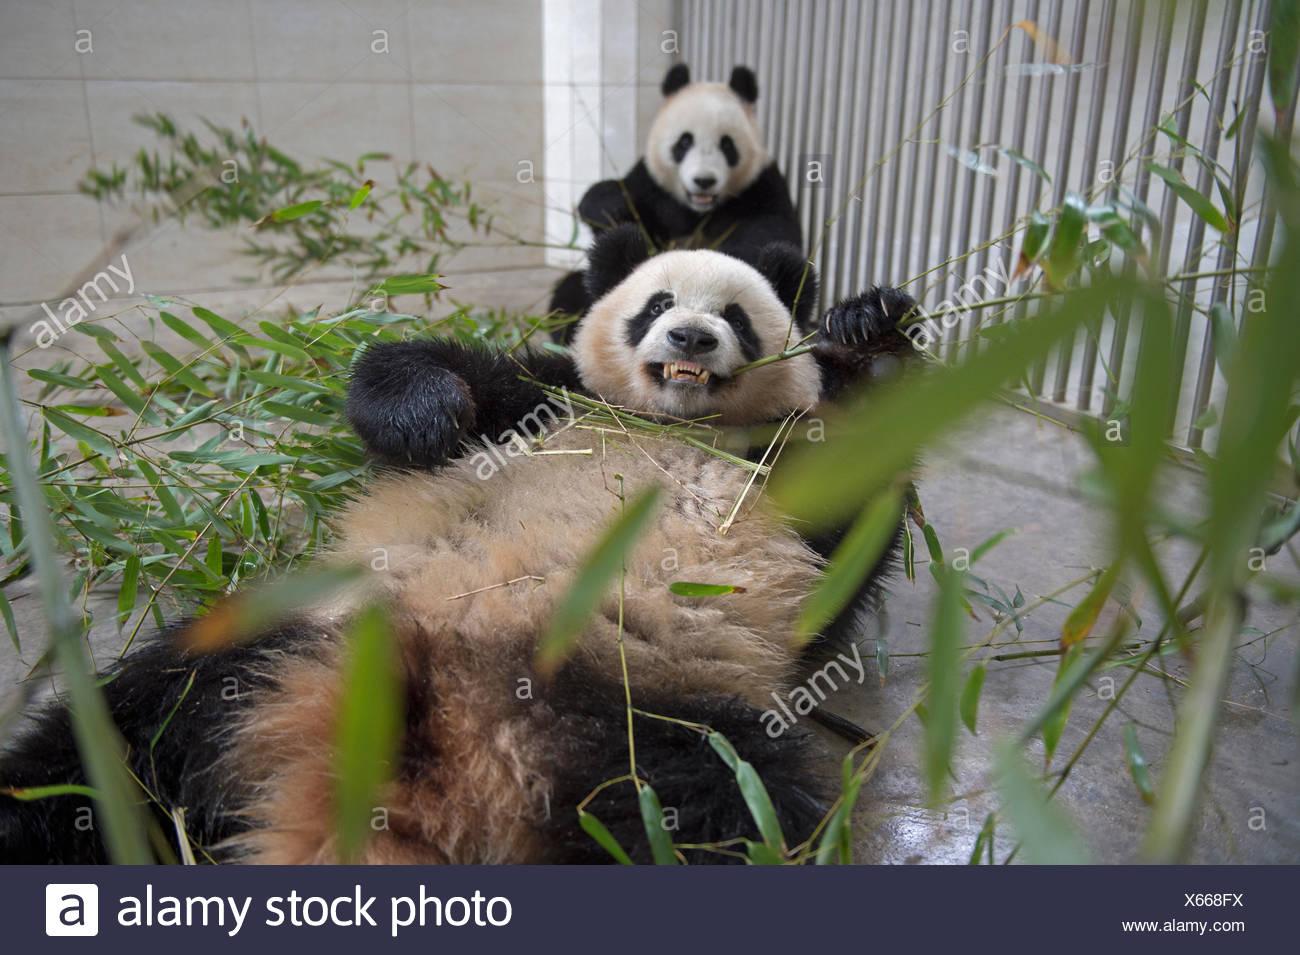 Pandas géants manger au bambou Geng Da Grand Panda base qui fait partie de la Panda géant de Wolong Centre de recherche. Photo Stock